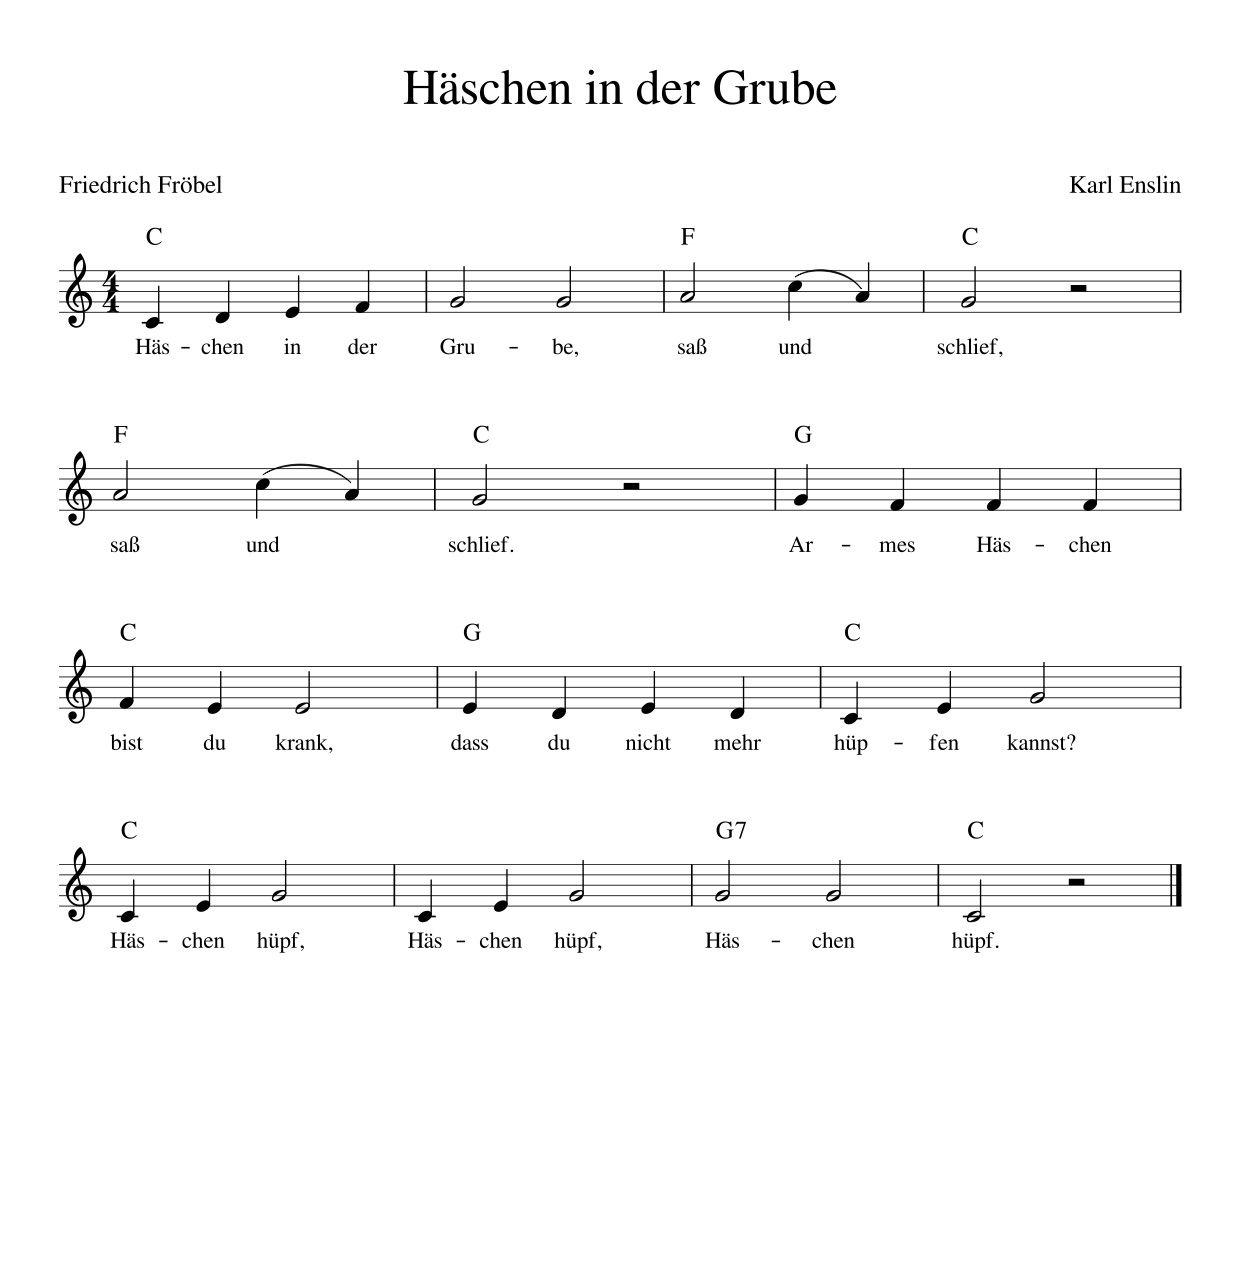 Haschen In Der Grube Deutsches Kinderlied Mit Noten Akkorden Text Mp3 Und Video Kinderlieder Zum Mitsingen Muench Kinder Lied Kinderlieder Kinderlieder Deutsch